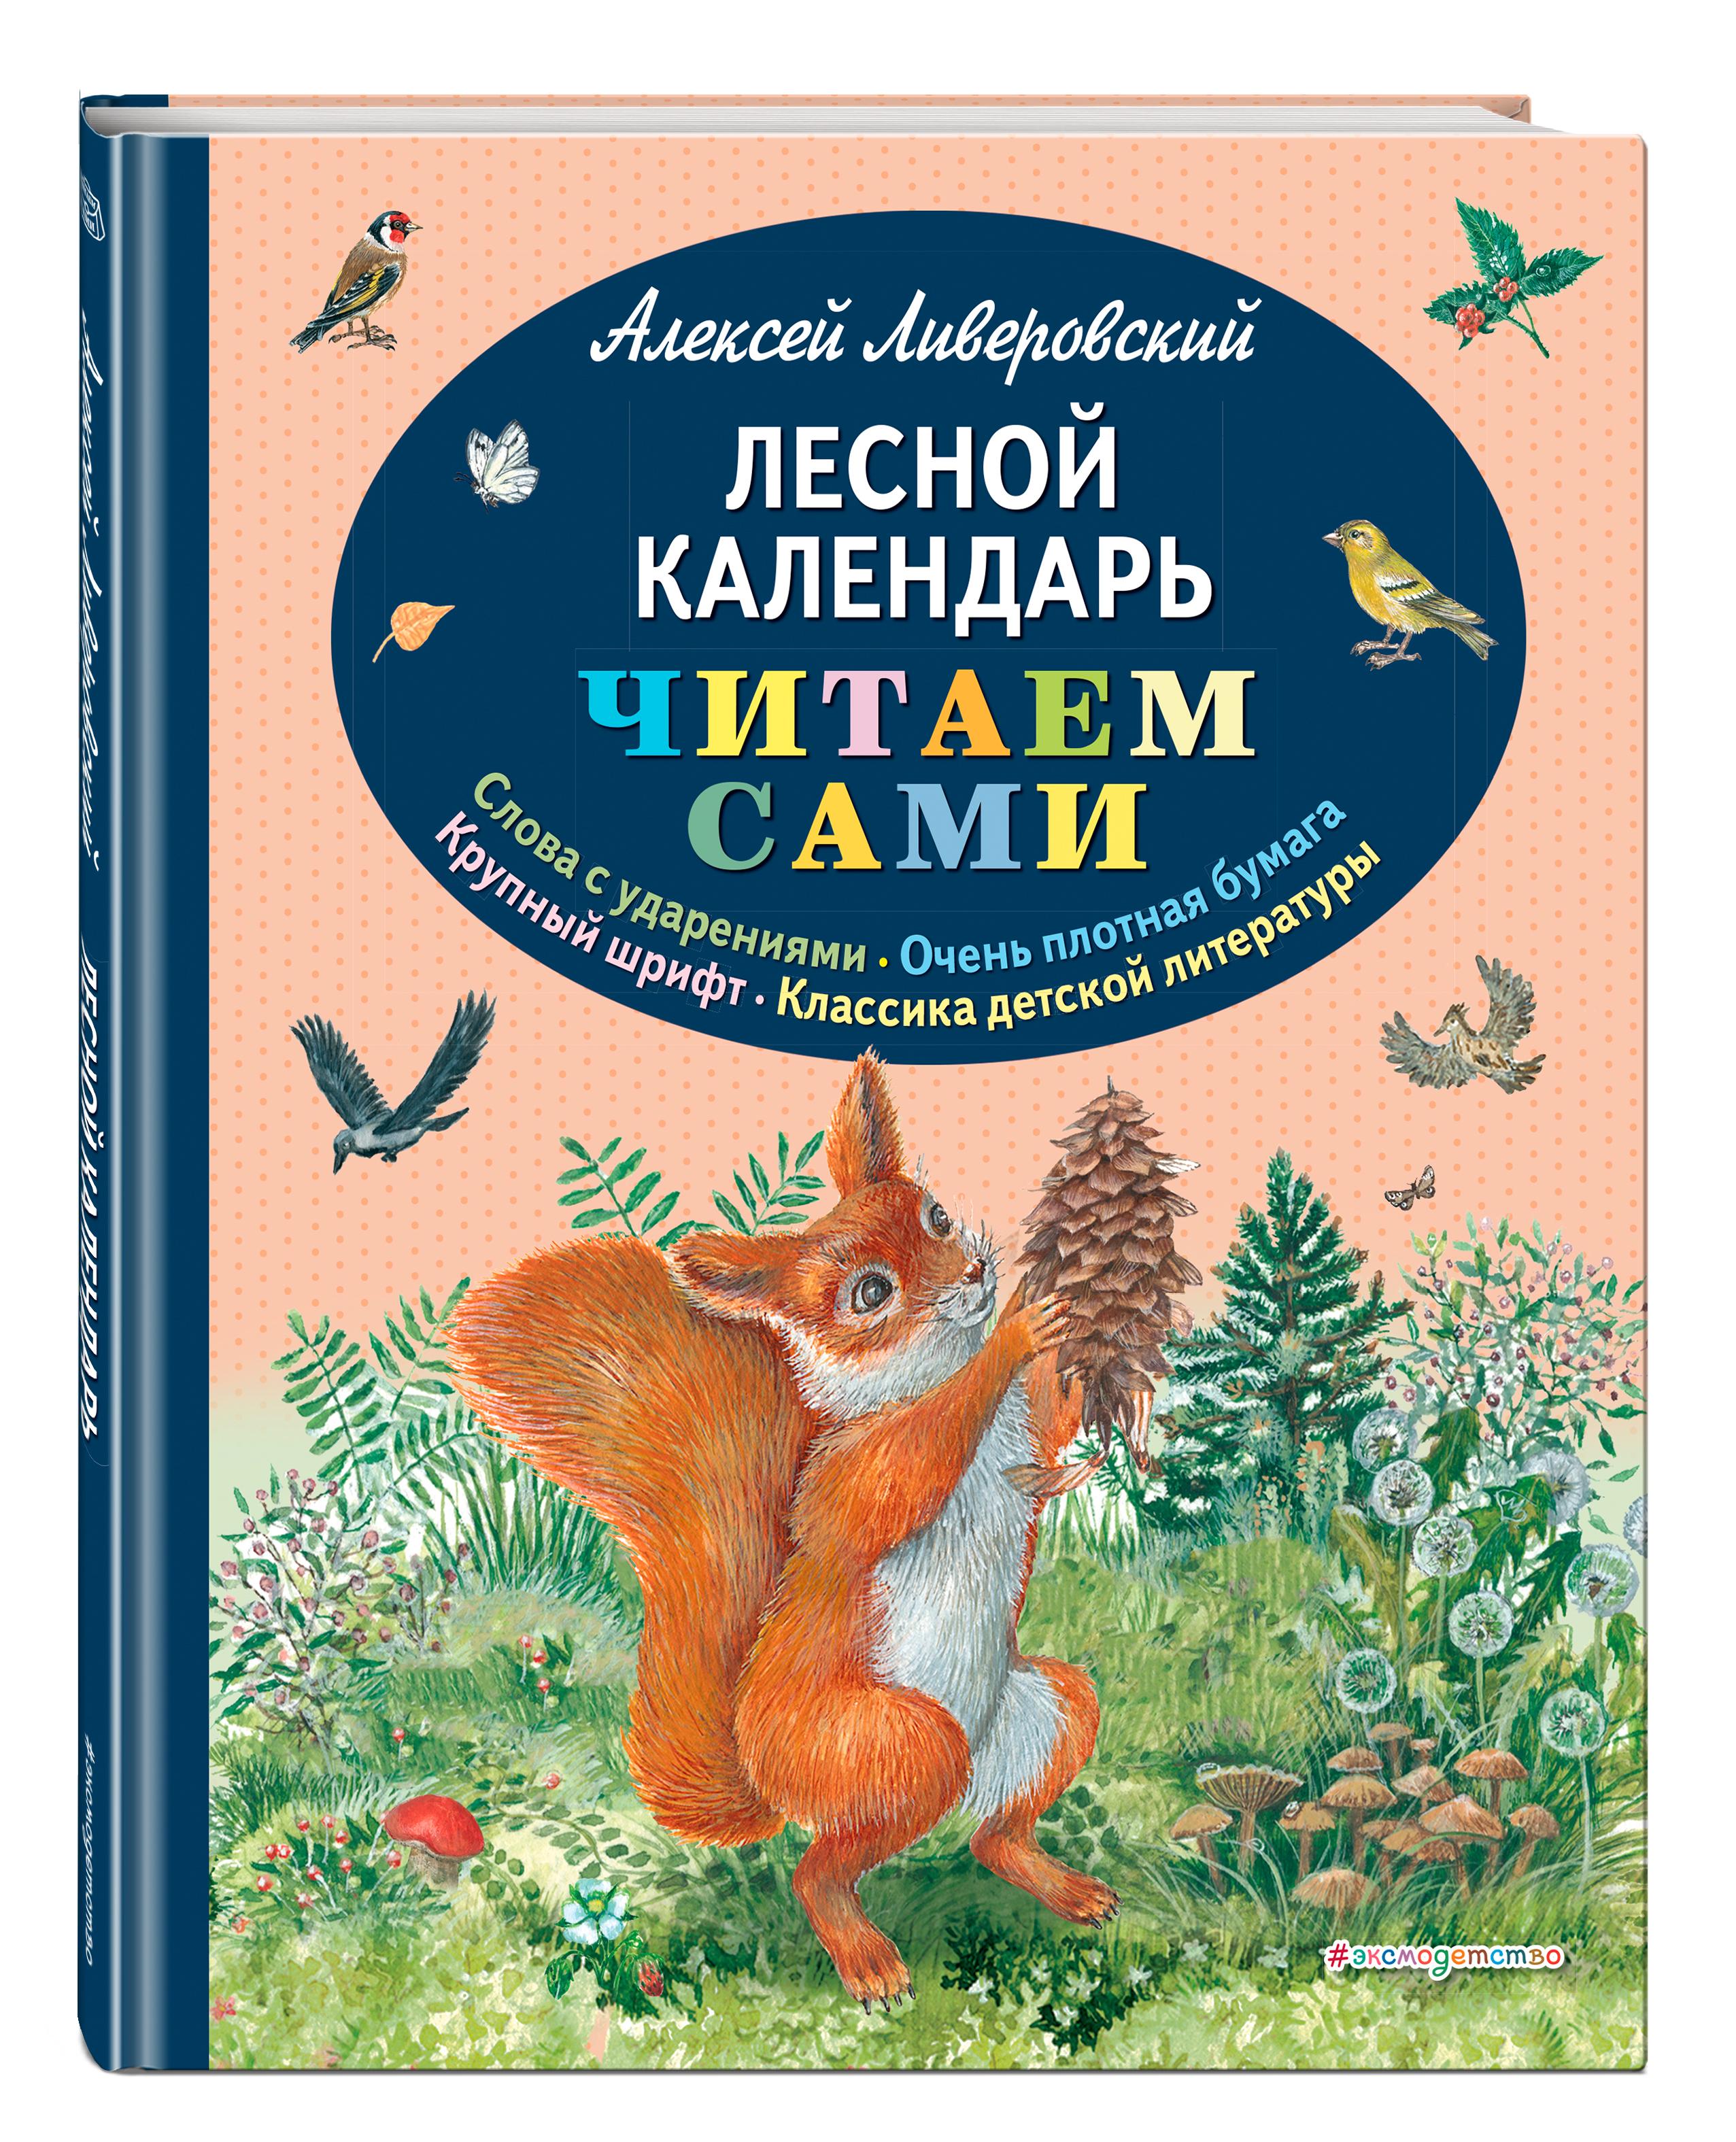 купить Алексей Ливеровский Лесной календарь (ил. М. Белоусовой) по цене 275 рублей